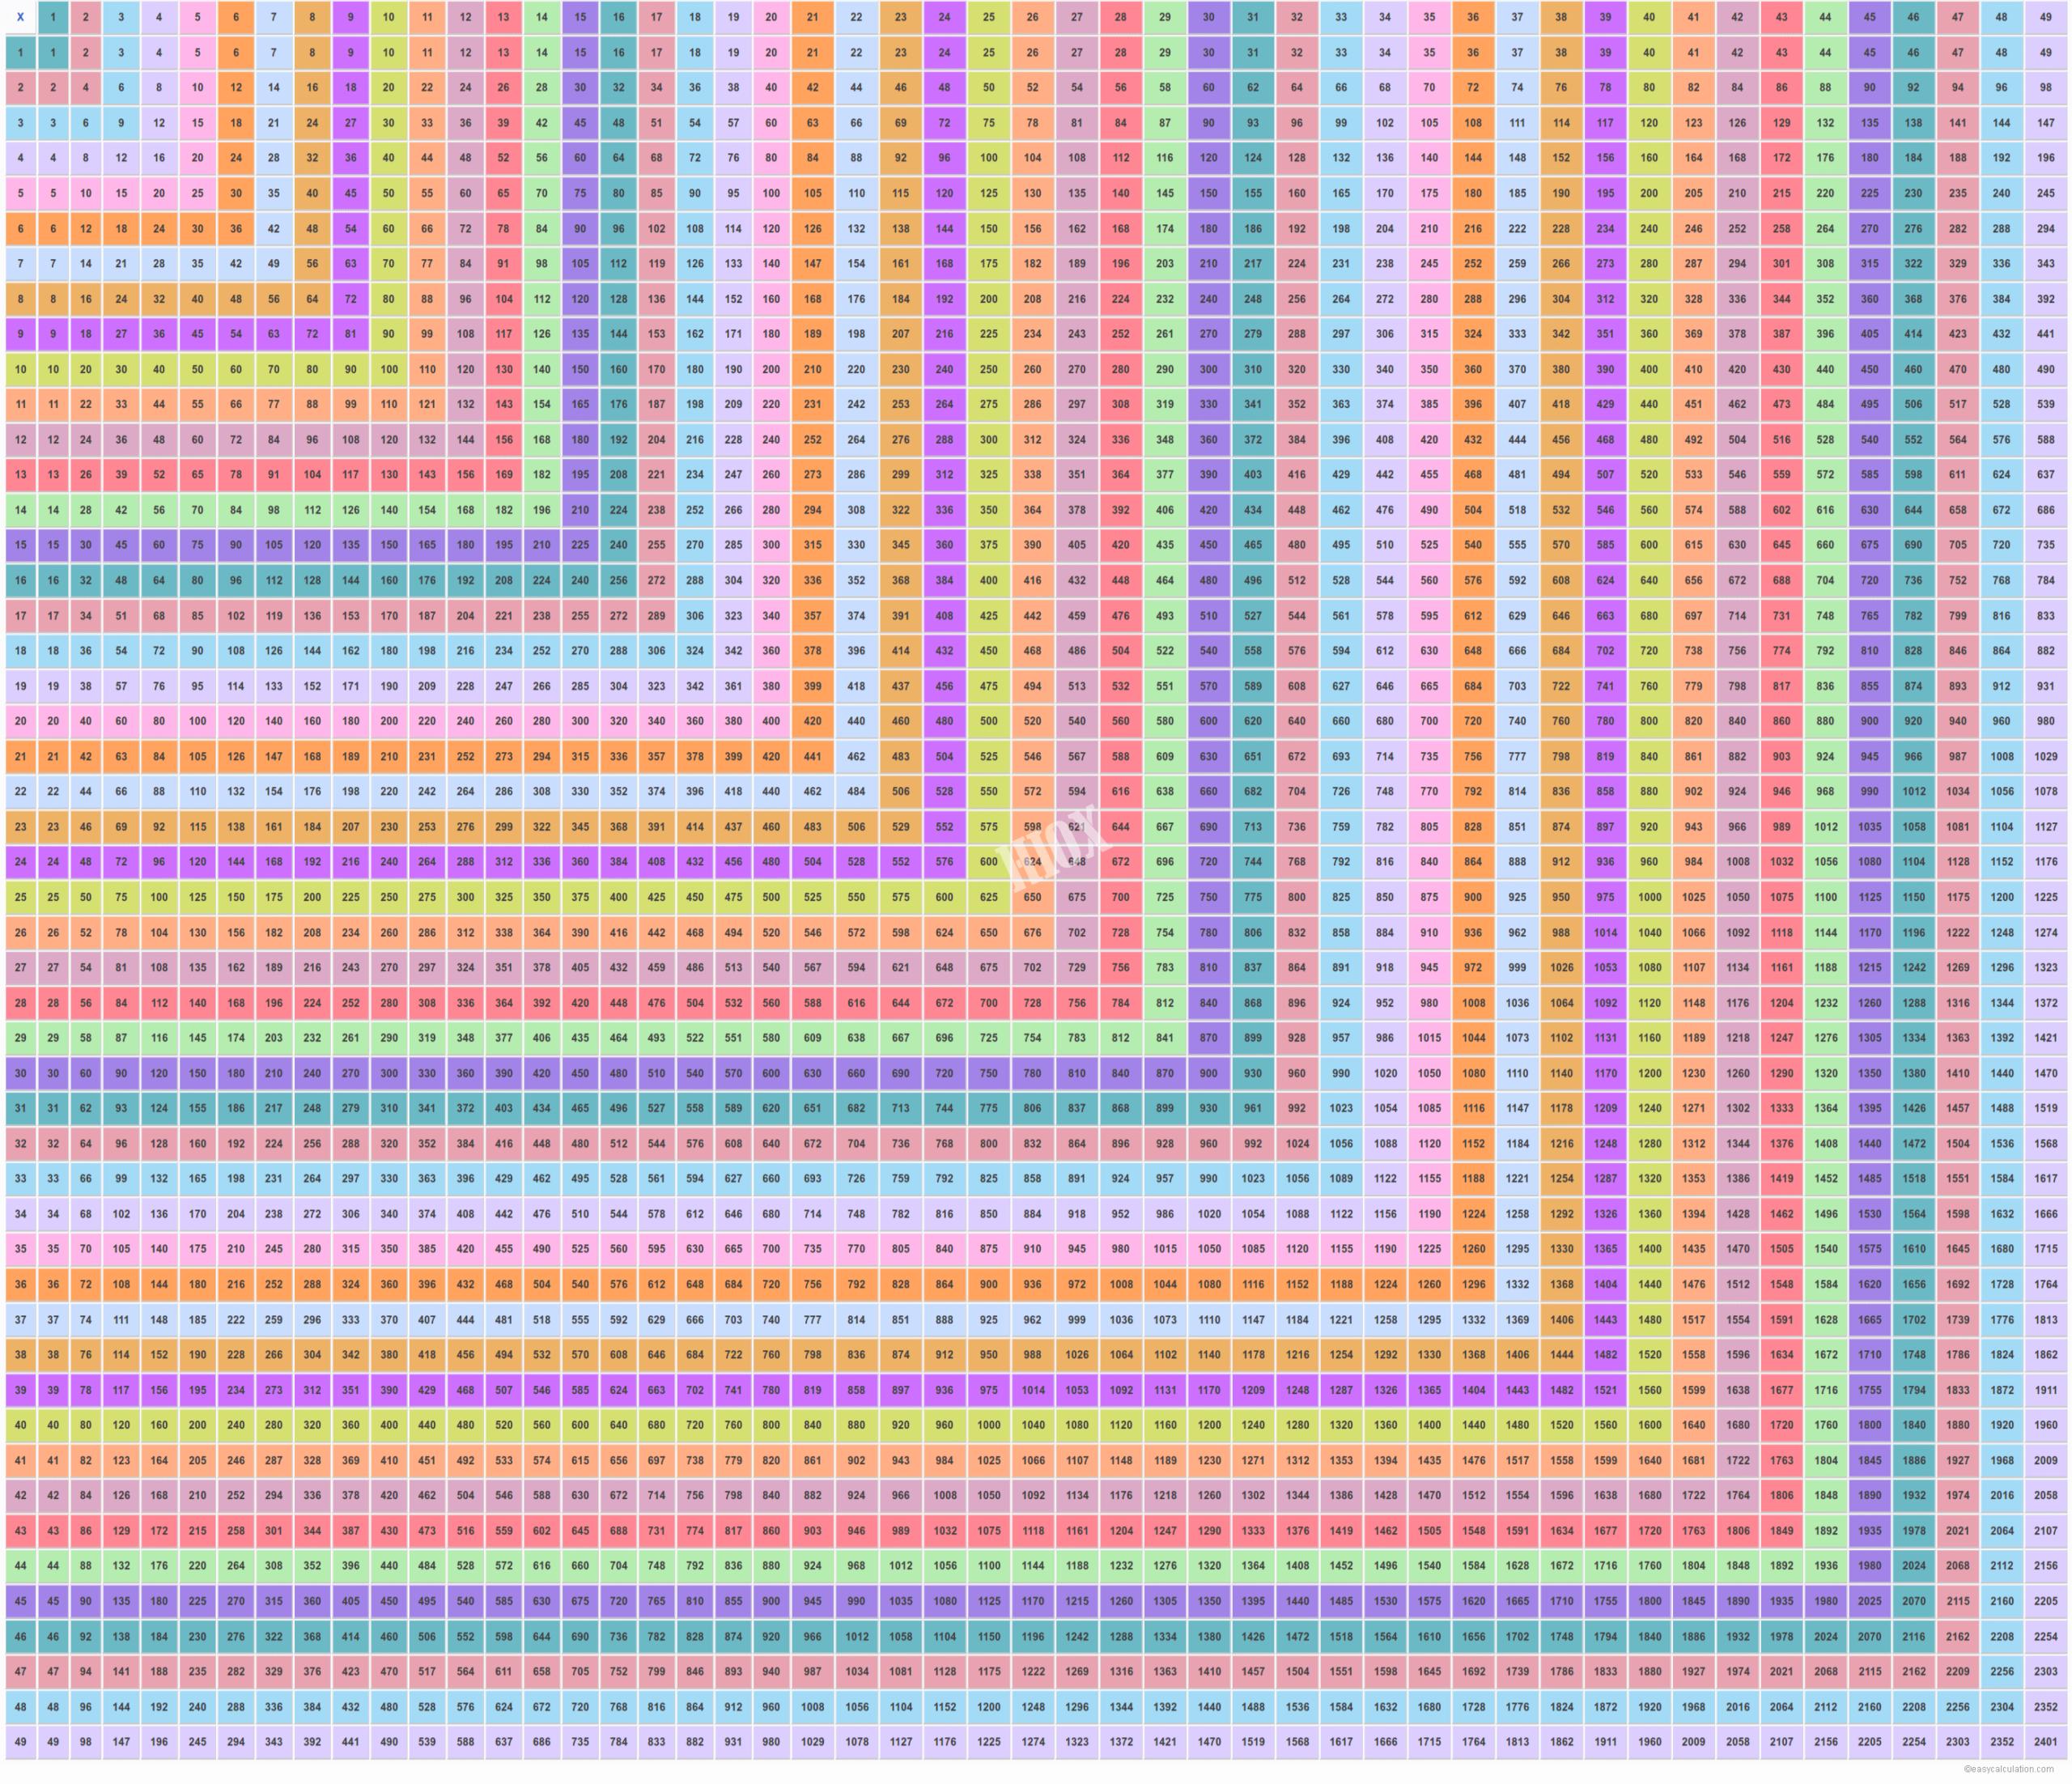 49×49 Multiplication Table | Einmaleins, Multiplikation intended for Printable Multiplication Table 50X50